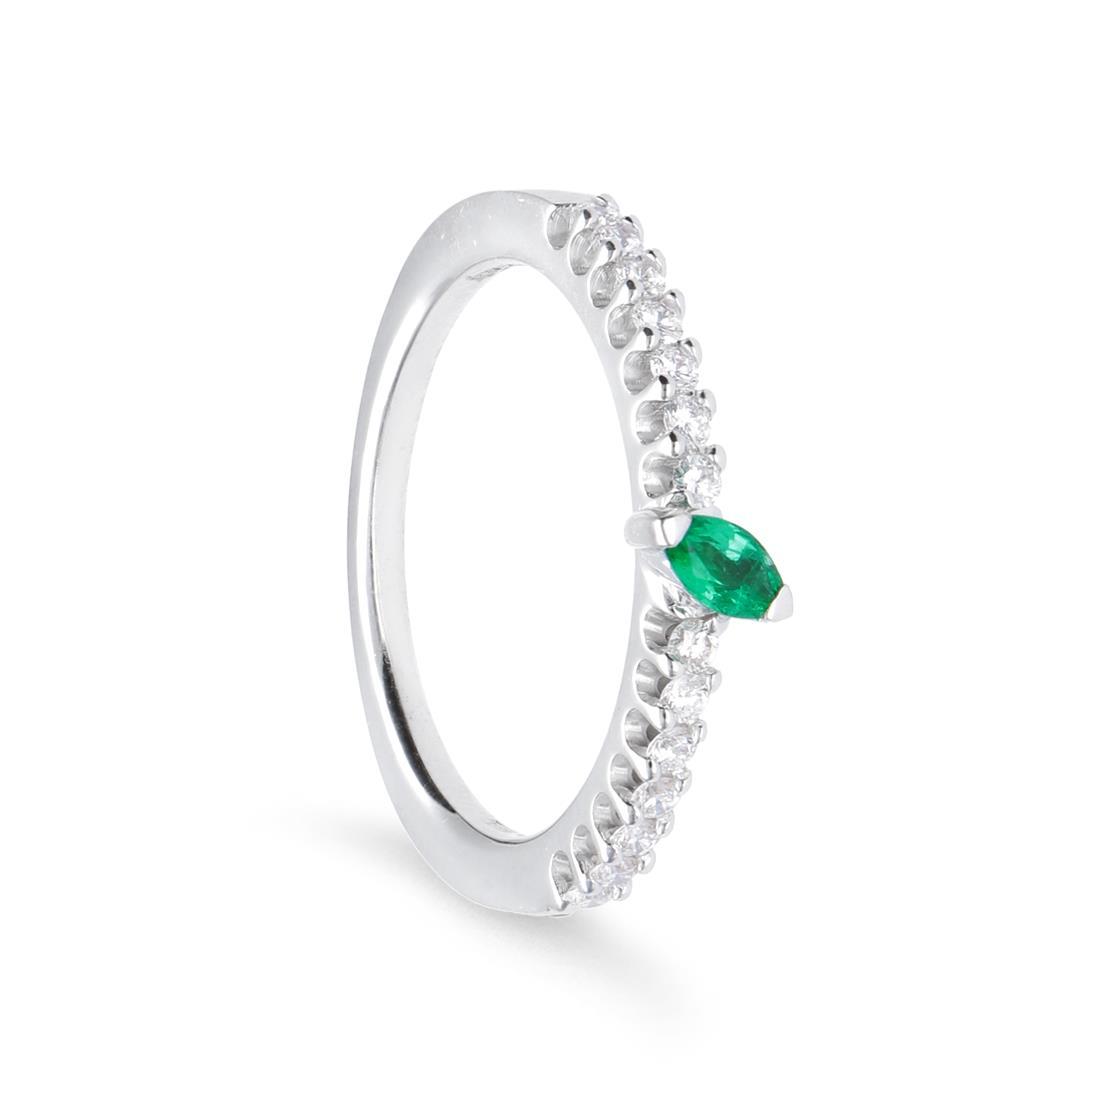 Anello con smeraldo e diamanti - ALFIERI & ST. JOHN